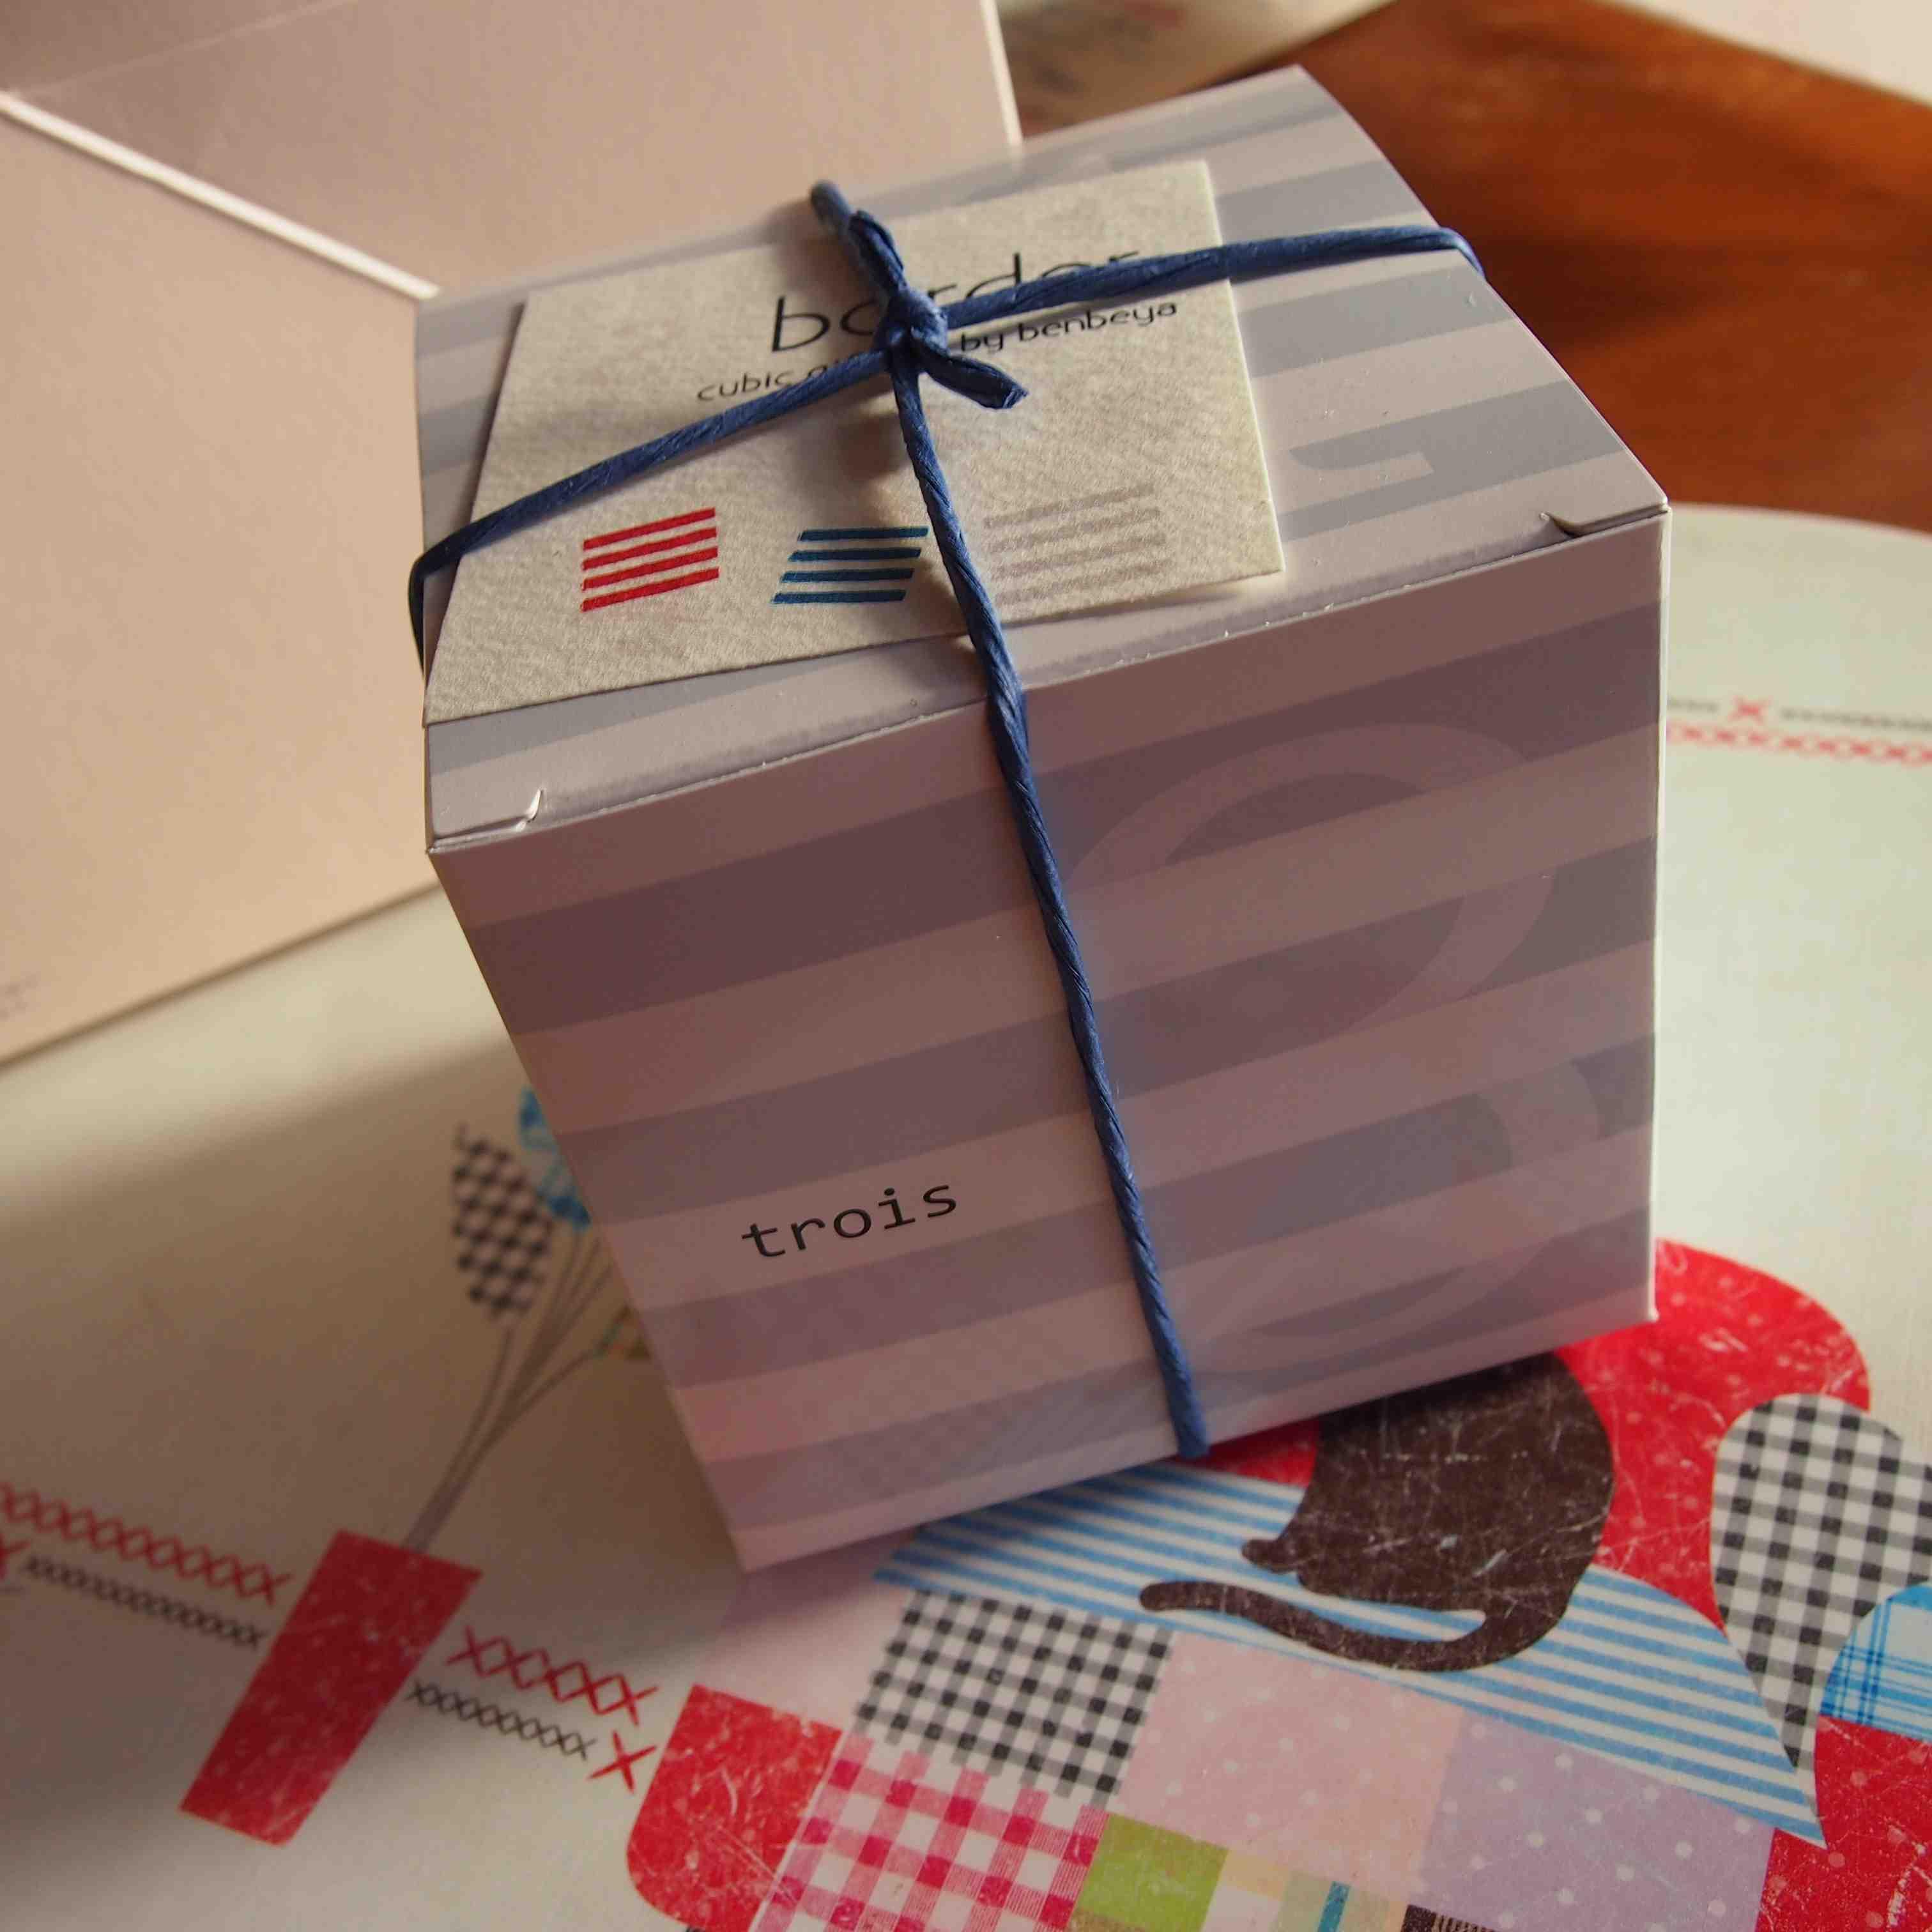 箱も可愛い!